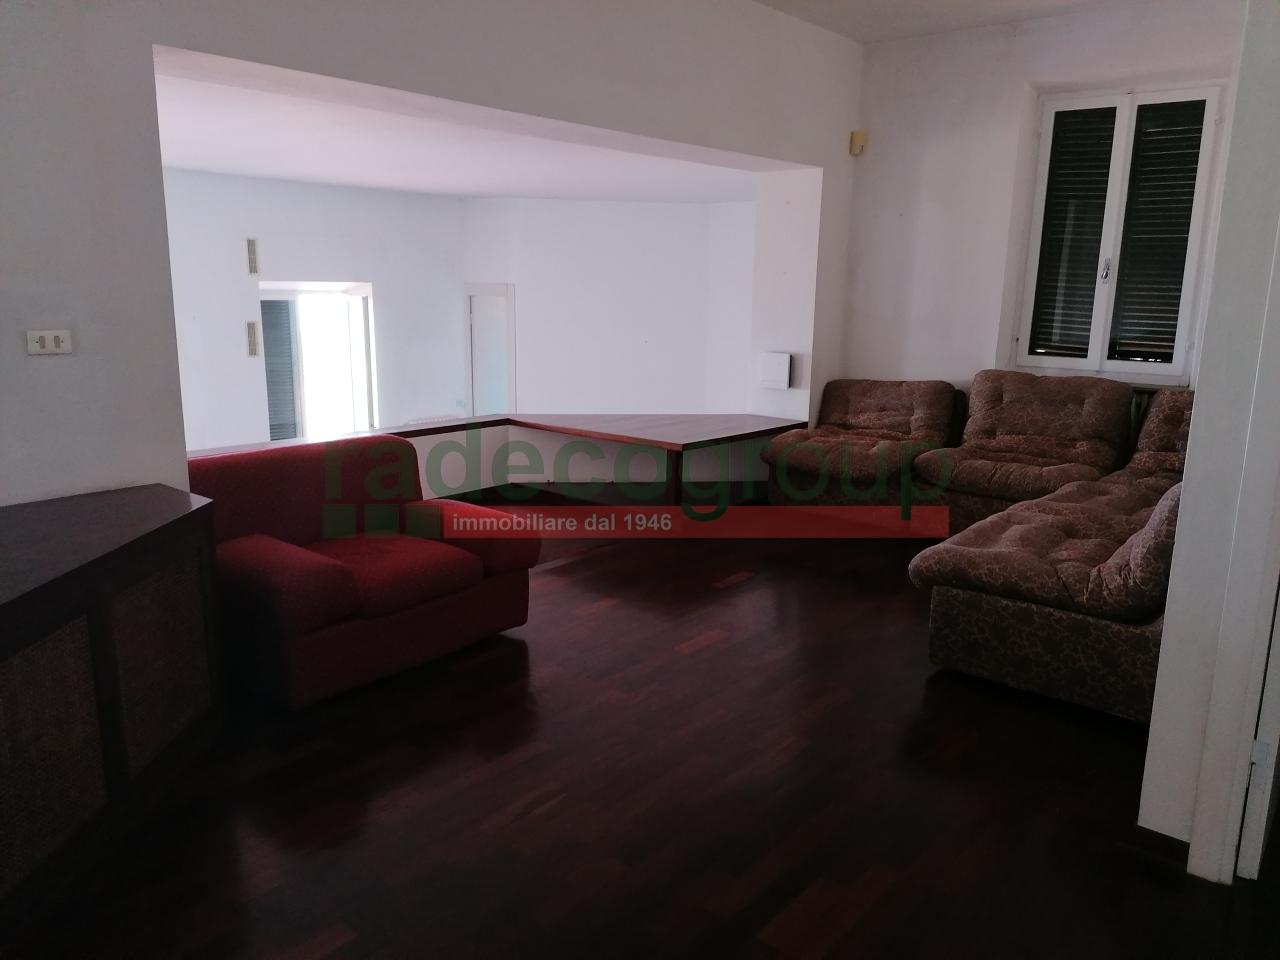 Appartamento - Antignano, Livorno (14/16)